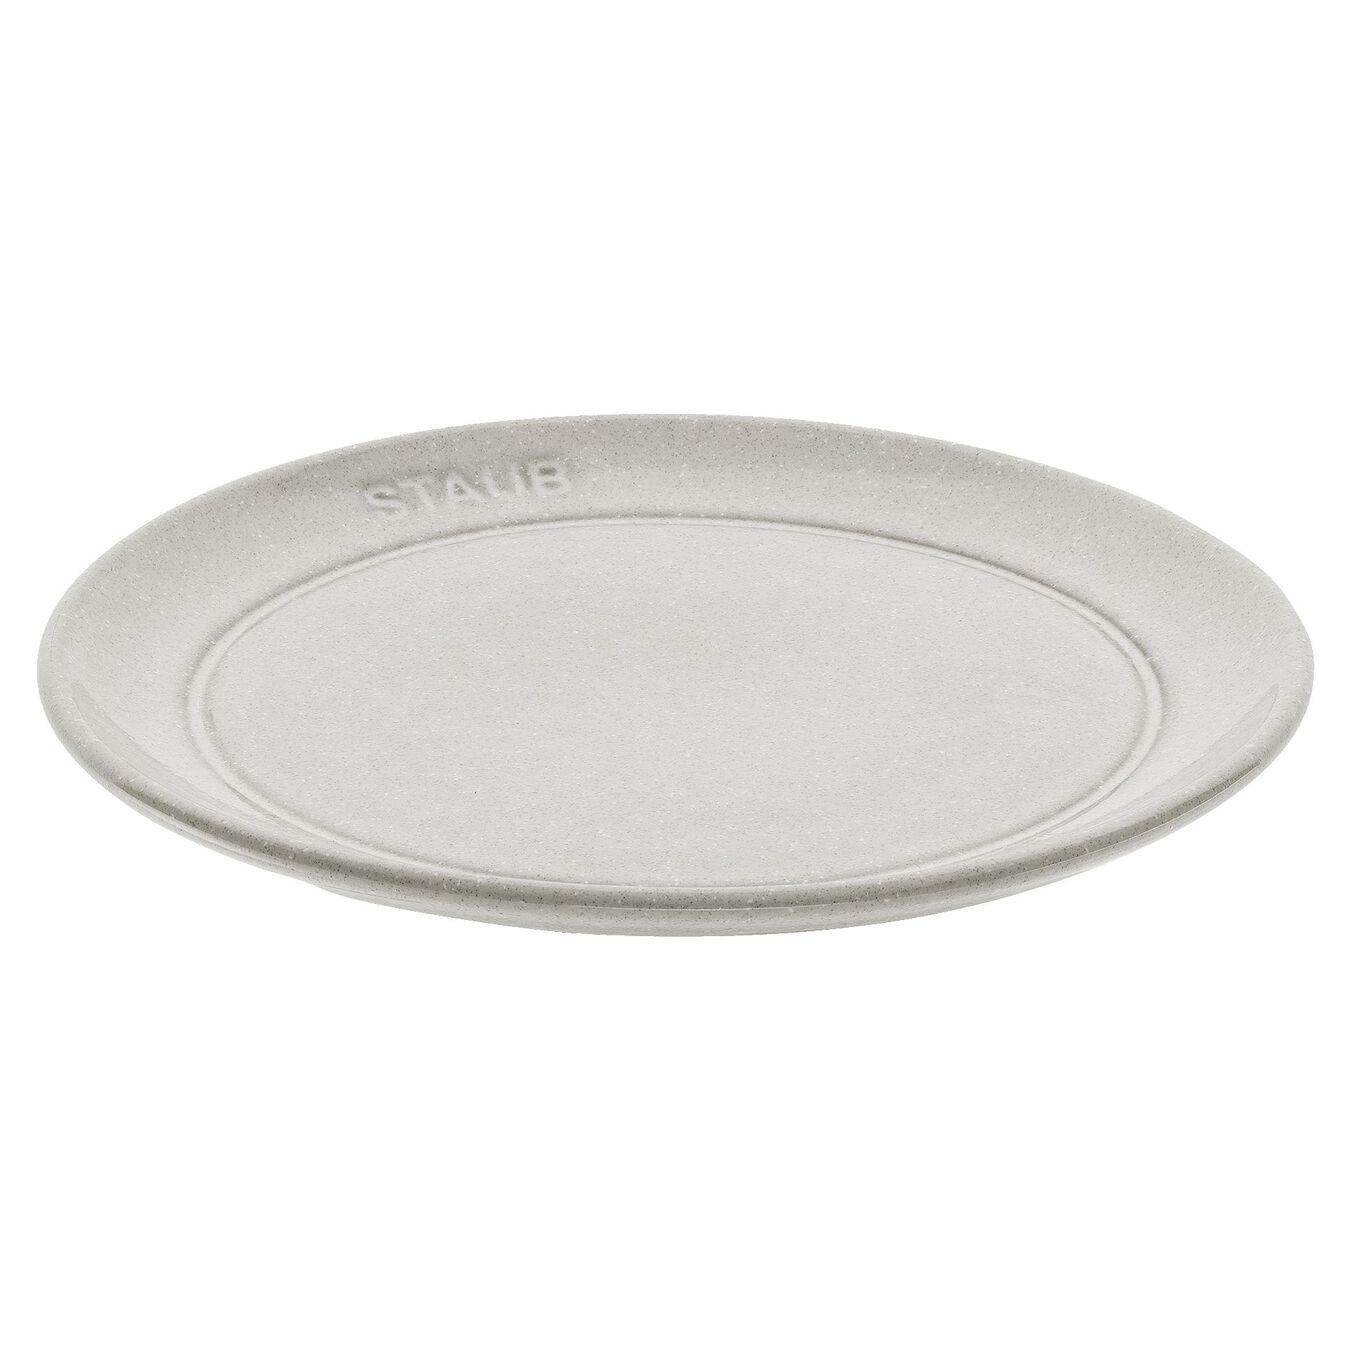 Piatto piano rotondo - 15 cm, tartufo bianco,,large 1